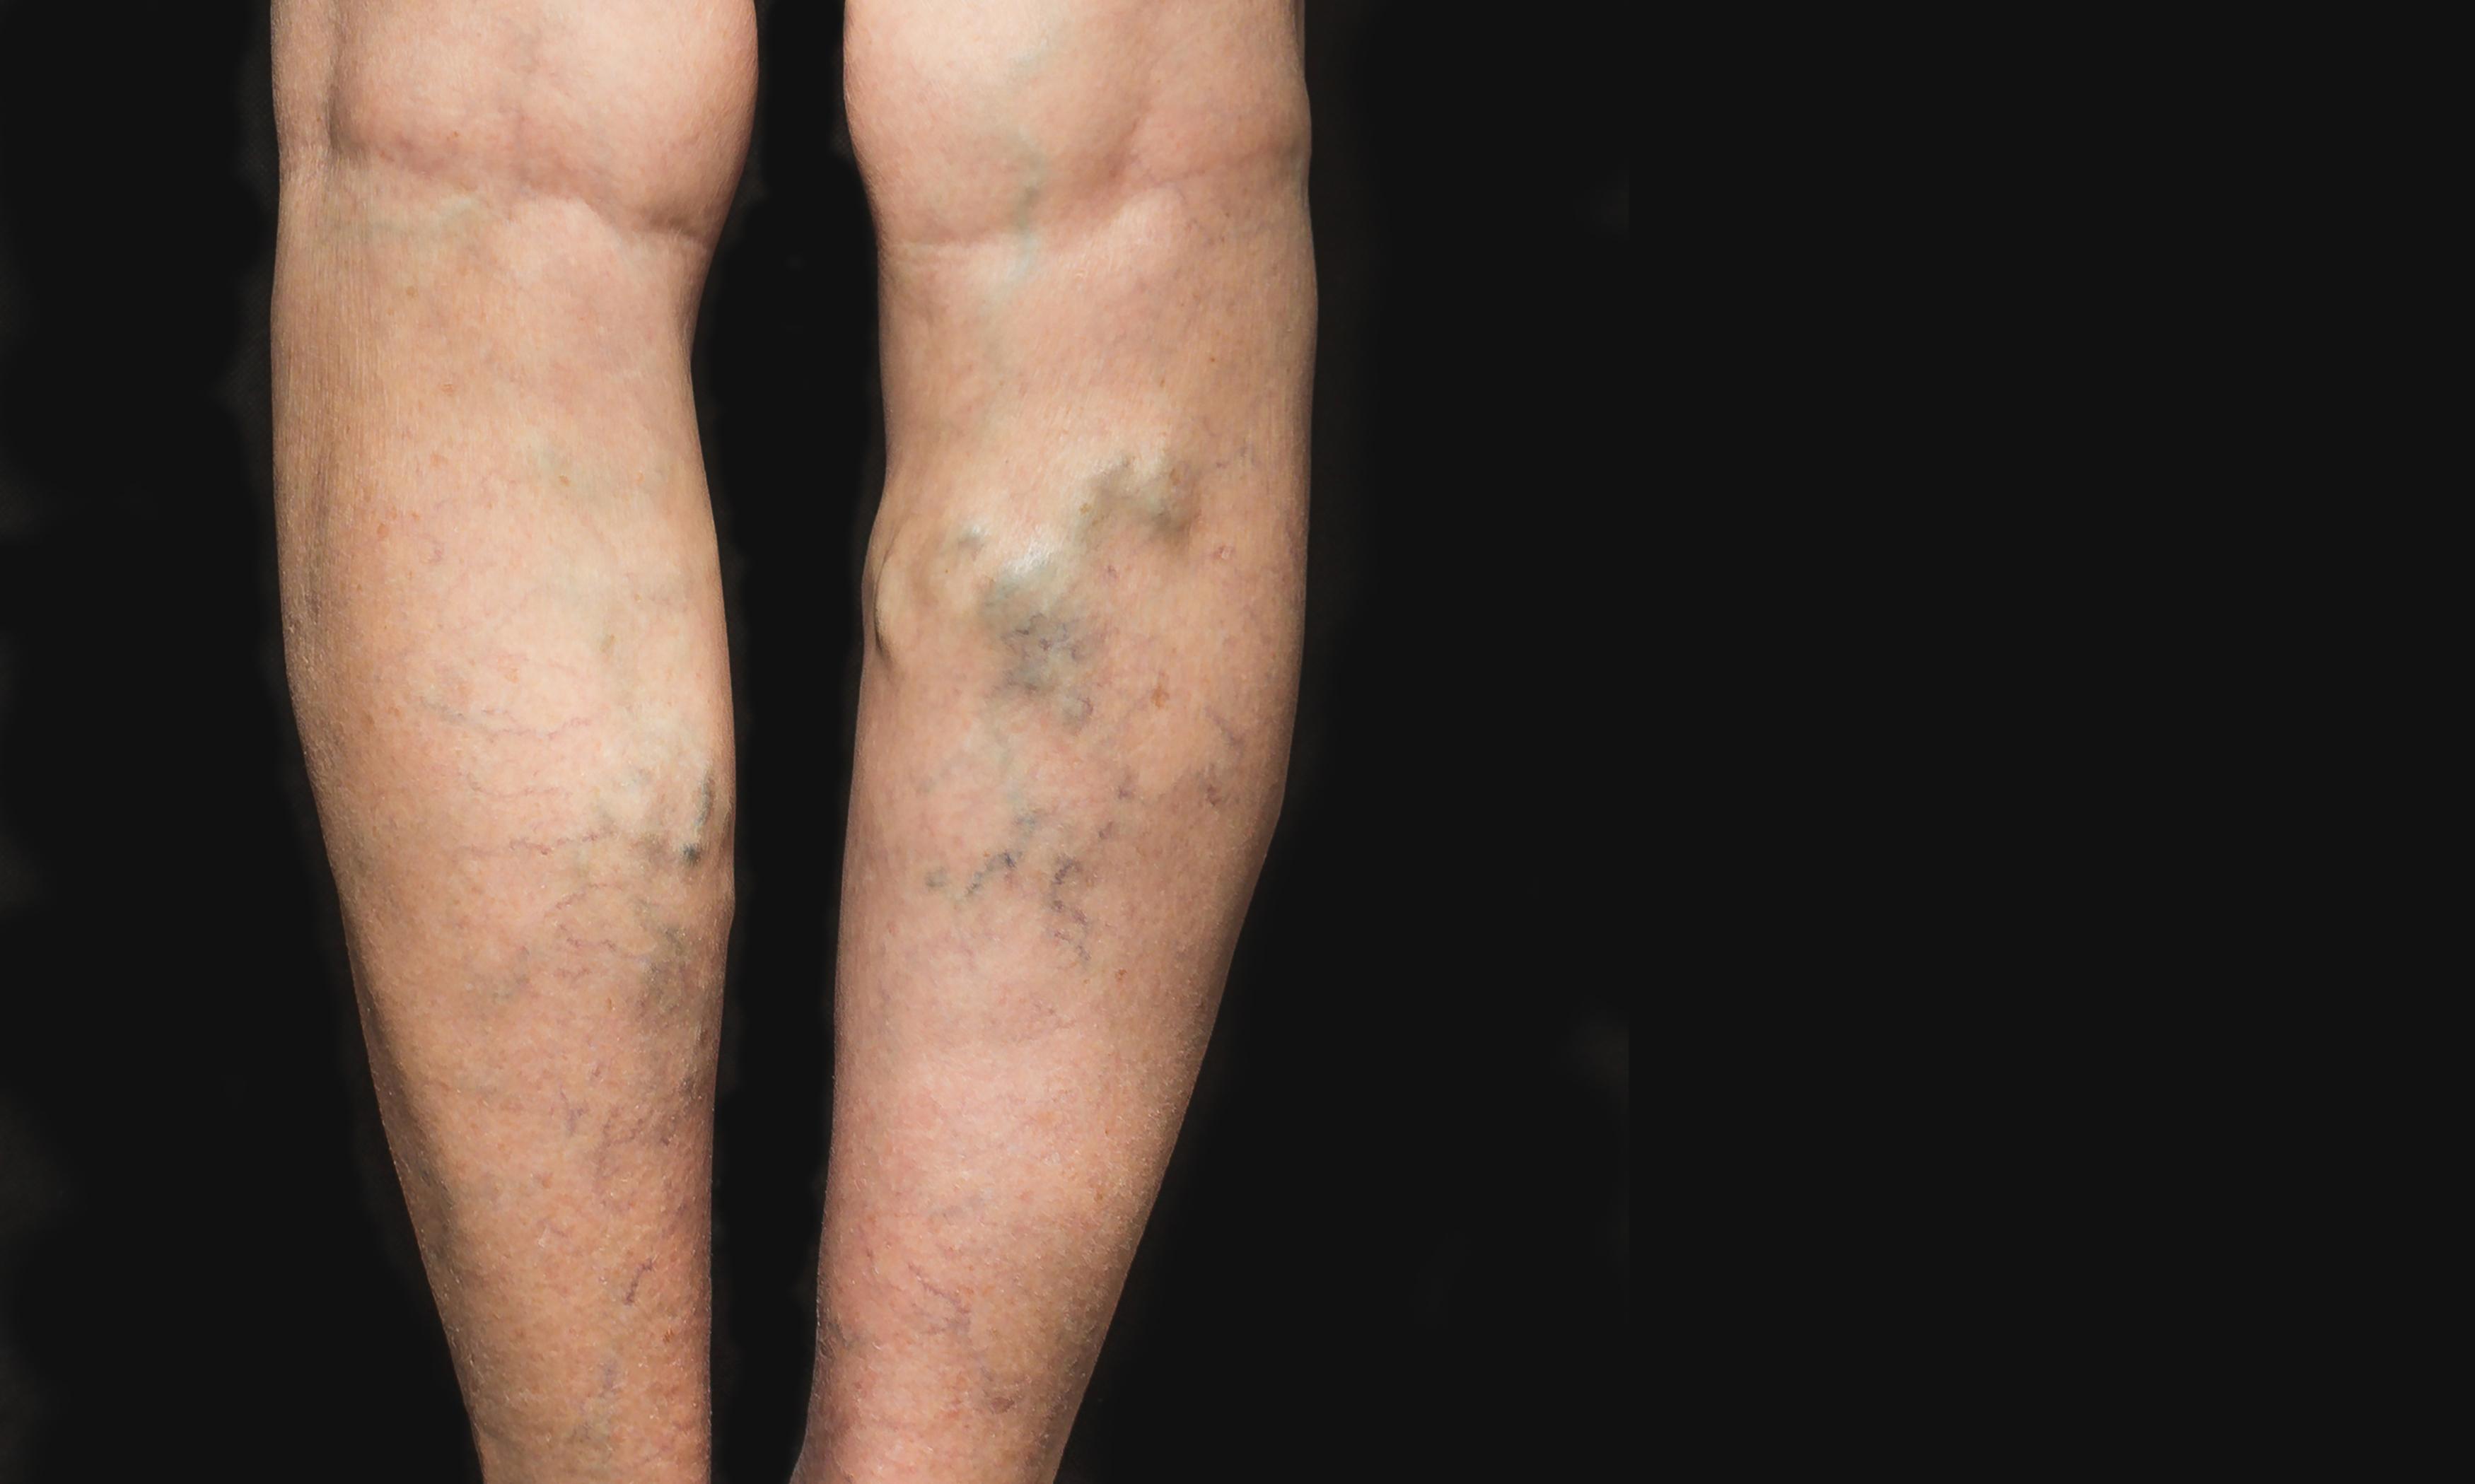 19 éves visszér a bőr a varikózus vénákkal változik